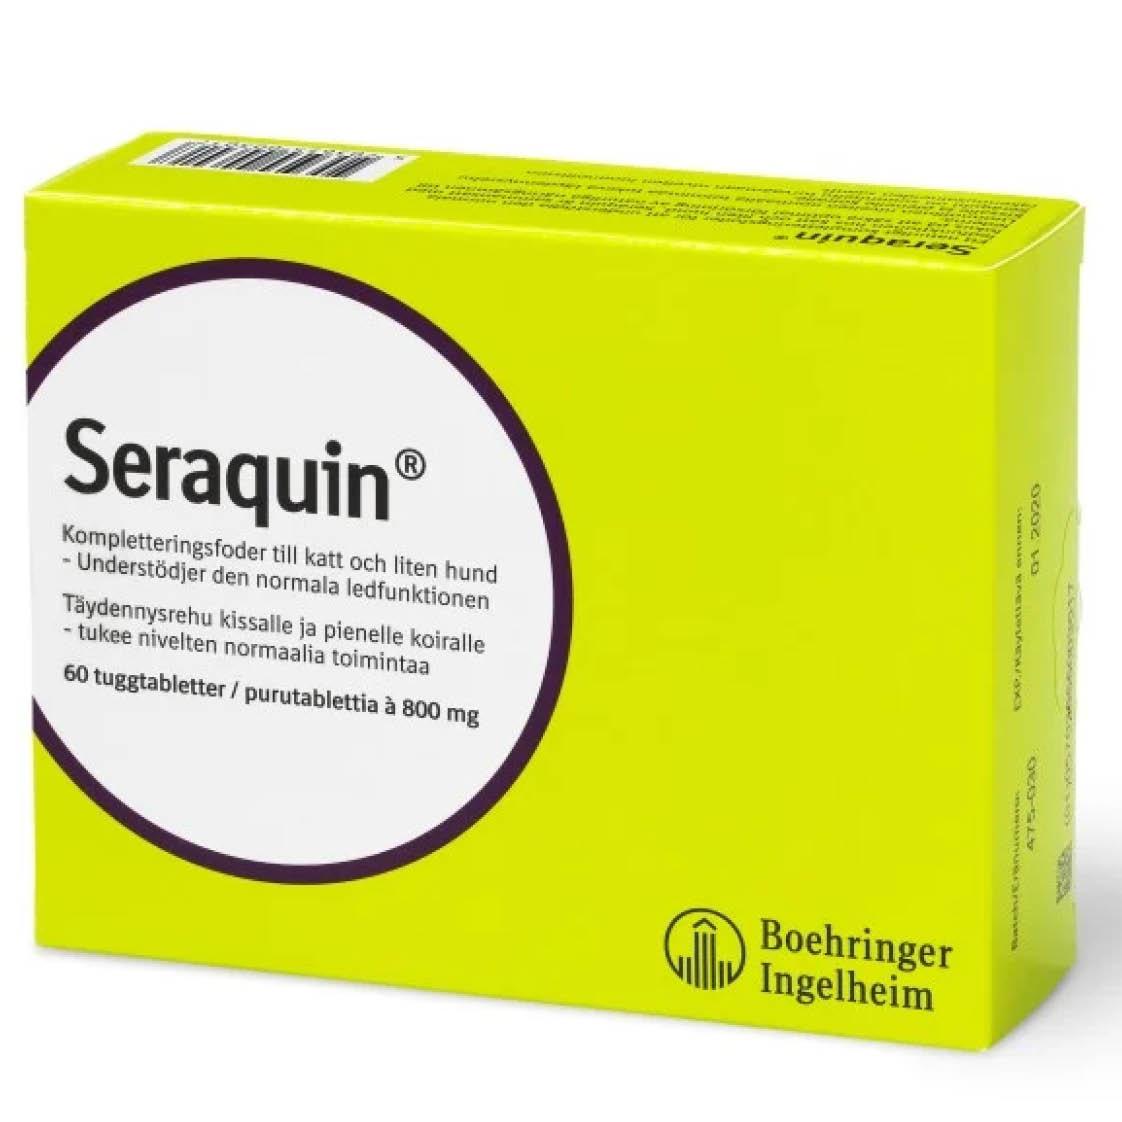 seraquin-800mg-tuggtablett-60st